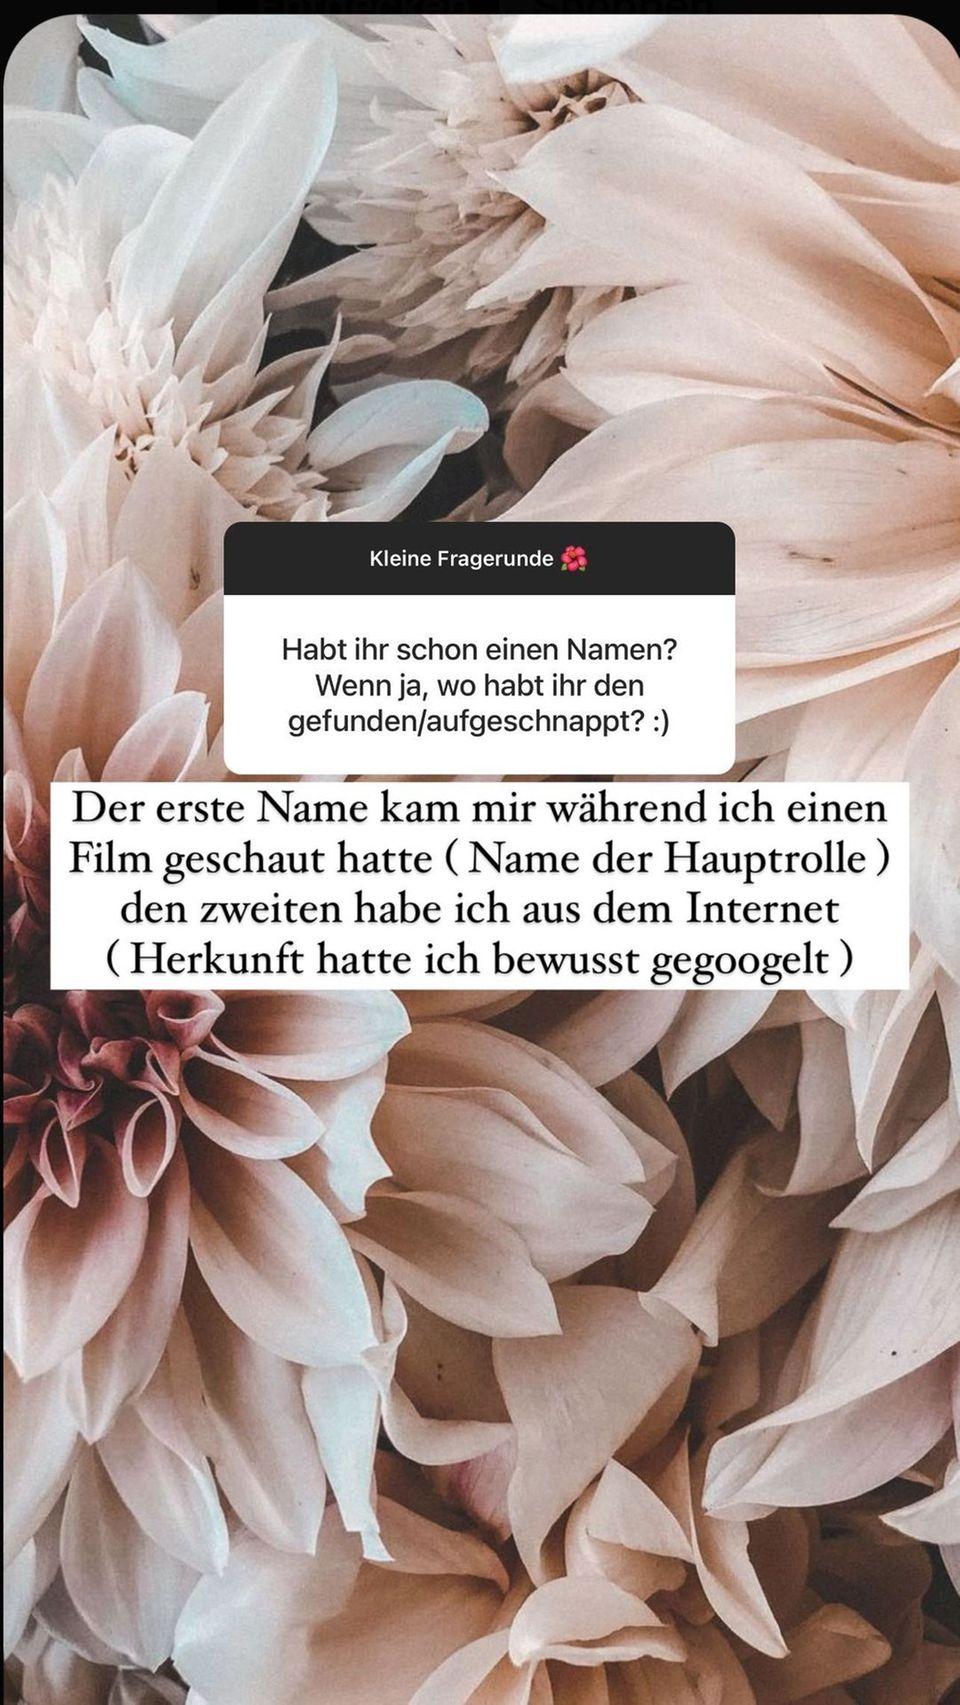 Yeliz Koc beantwortet Fragen ihrer Instagram-Follower:innen.